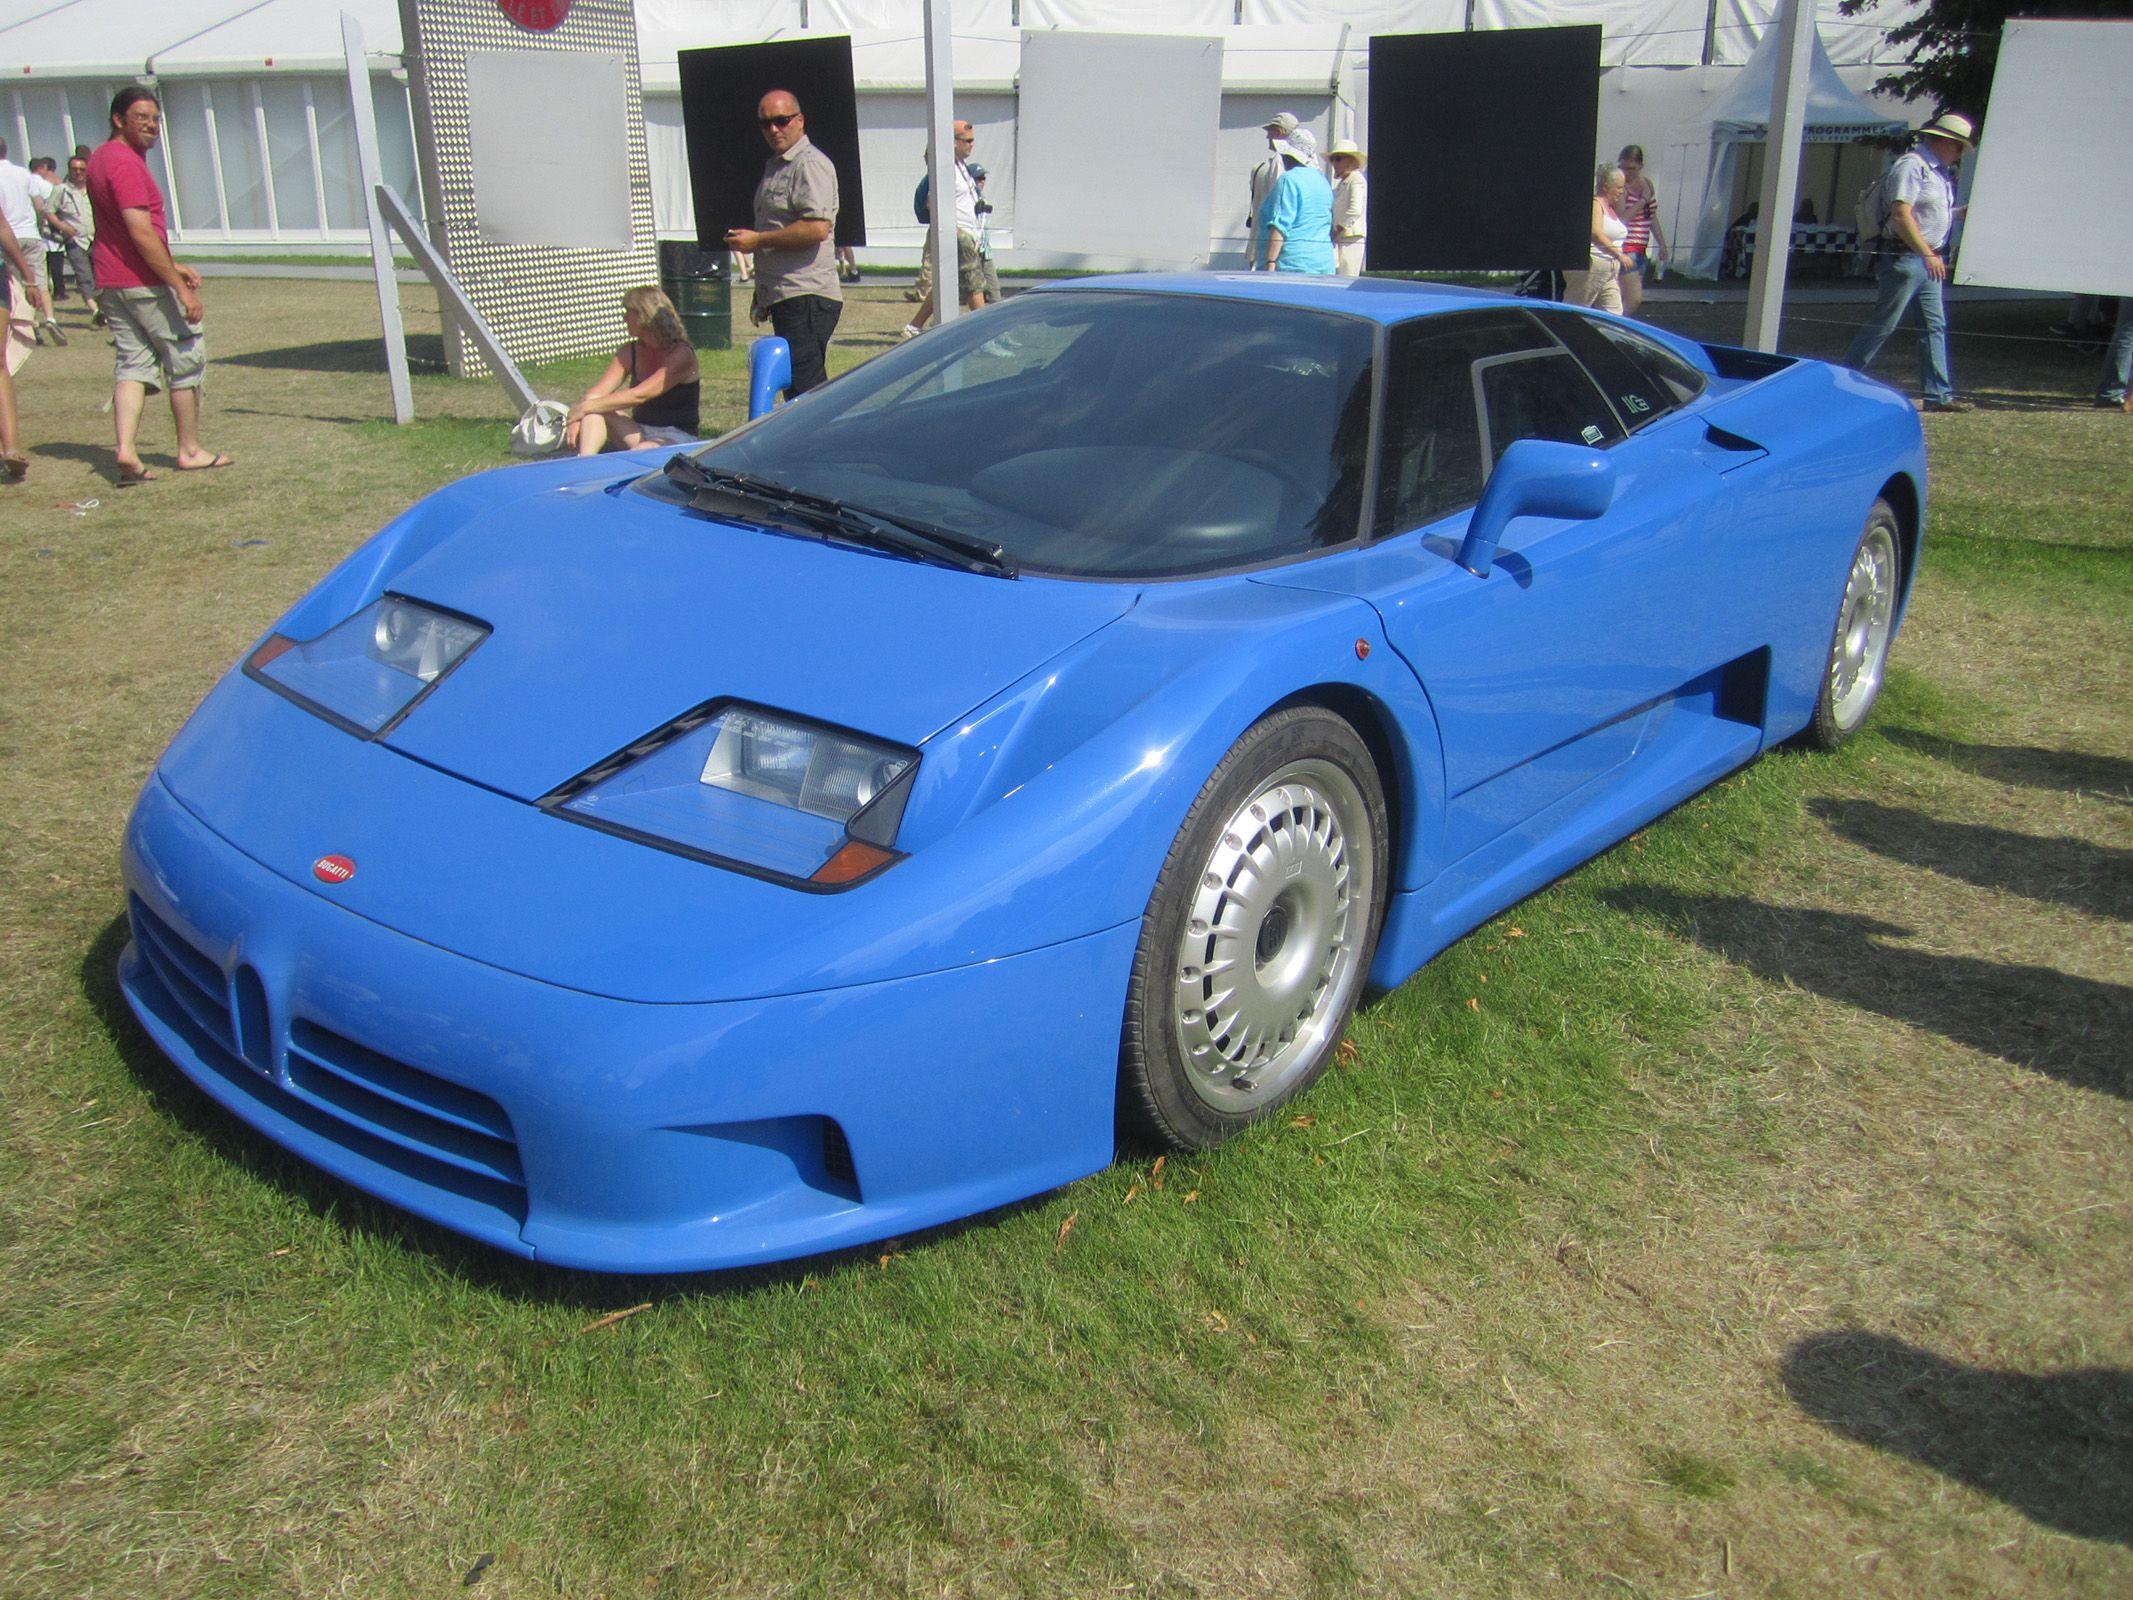 f21c378229009553af6bc2b06bb60290 Breathtaking Ferrari Mondial T Cabrio Kaufen Cars Trend